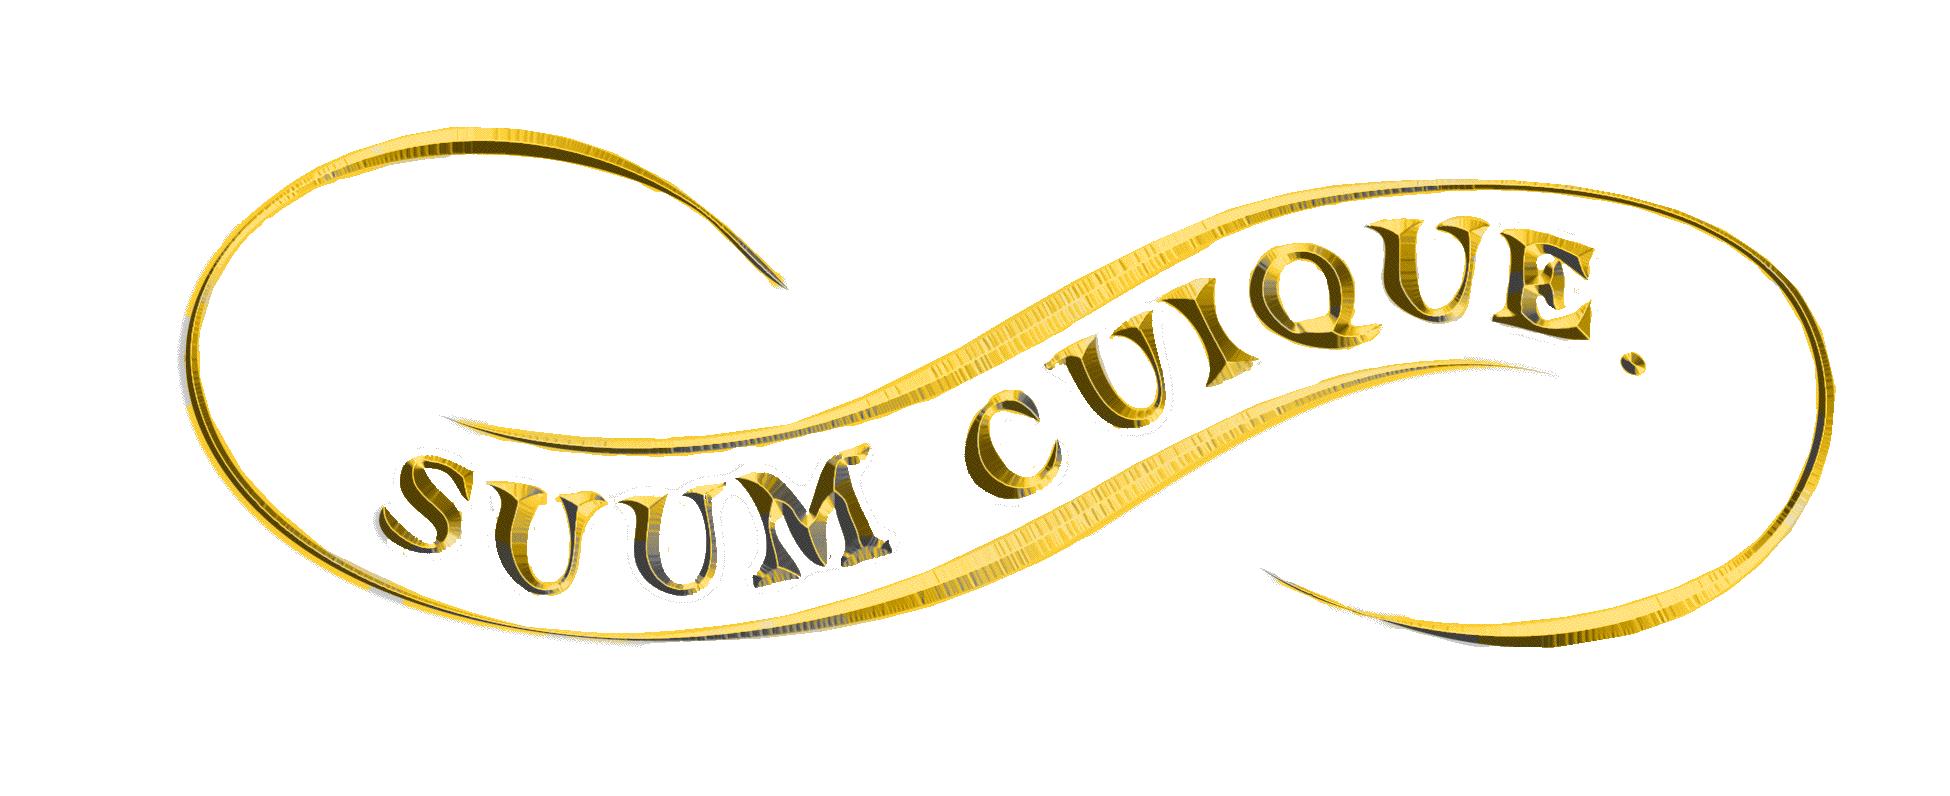 suum-quique-color-2